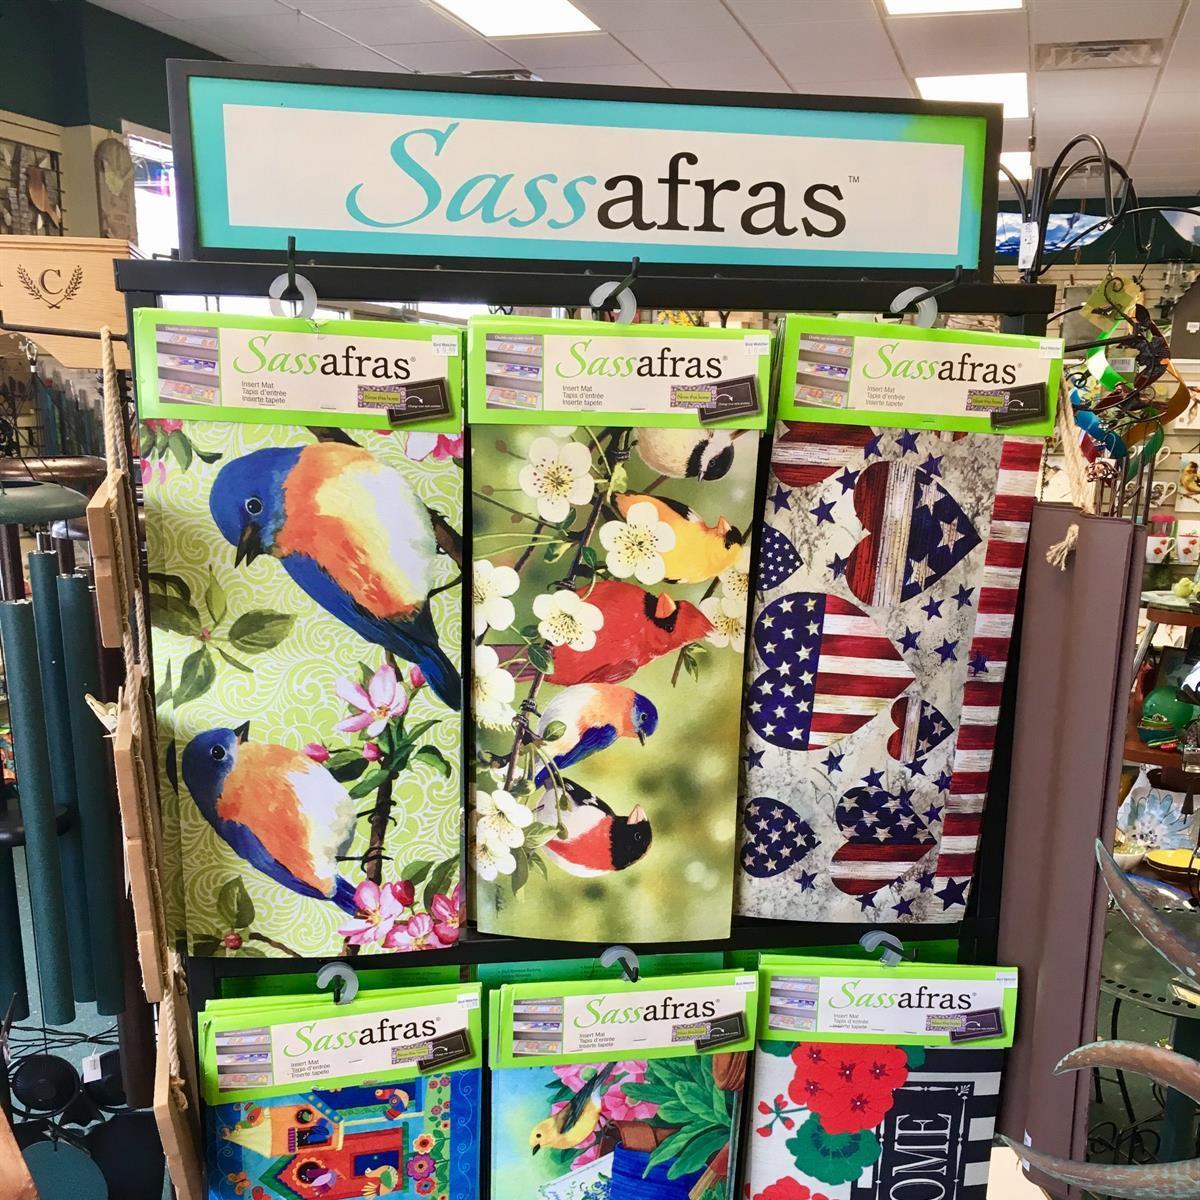 Sassafras, welcome mat, bird, cardinal, dogwood, spring, patriotic, geranium